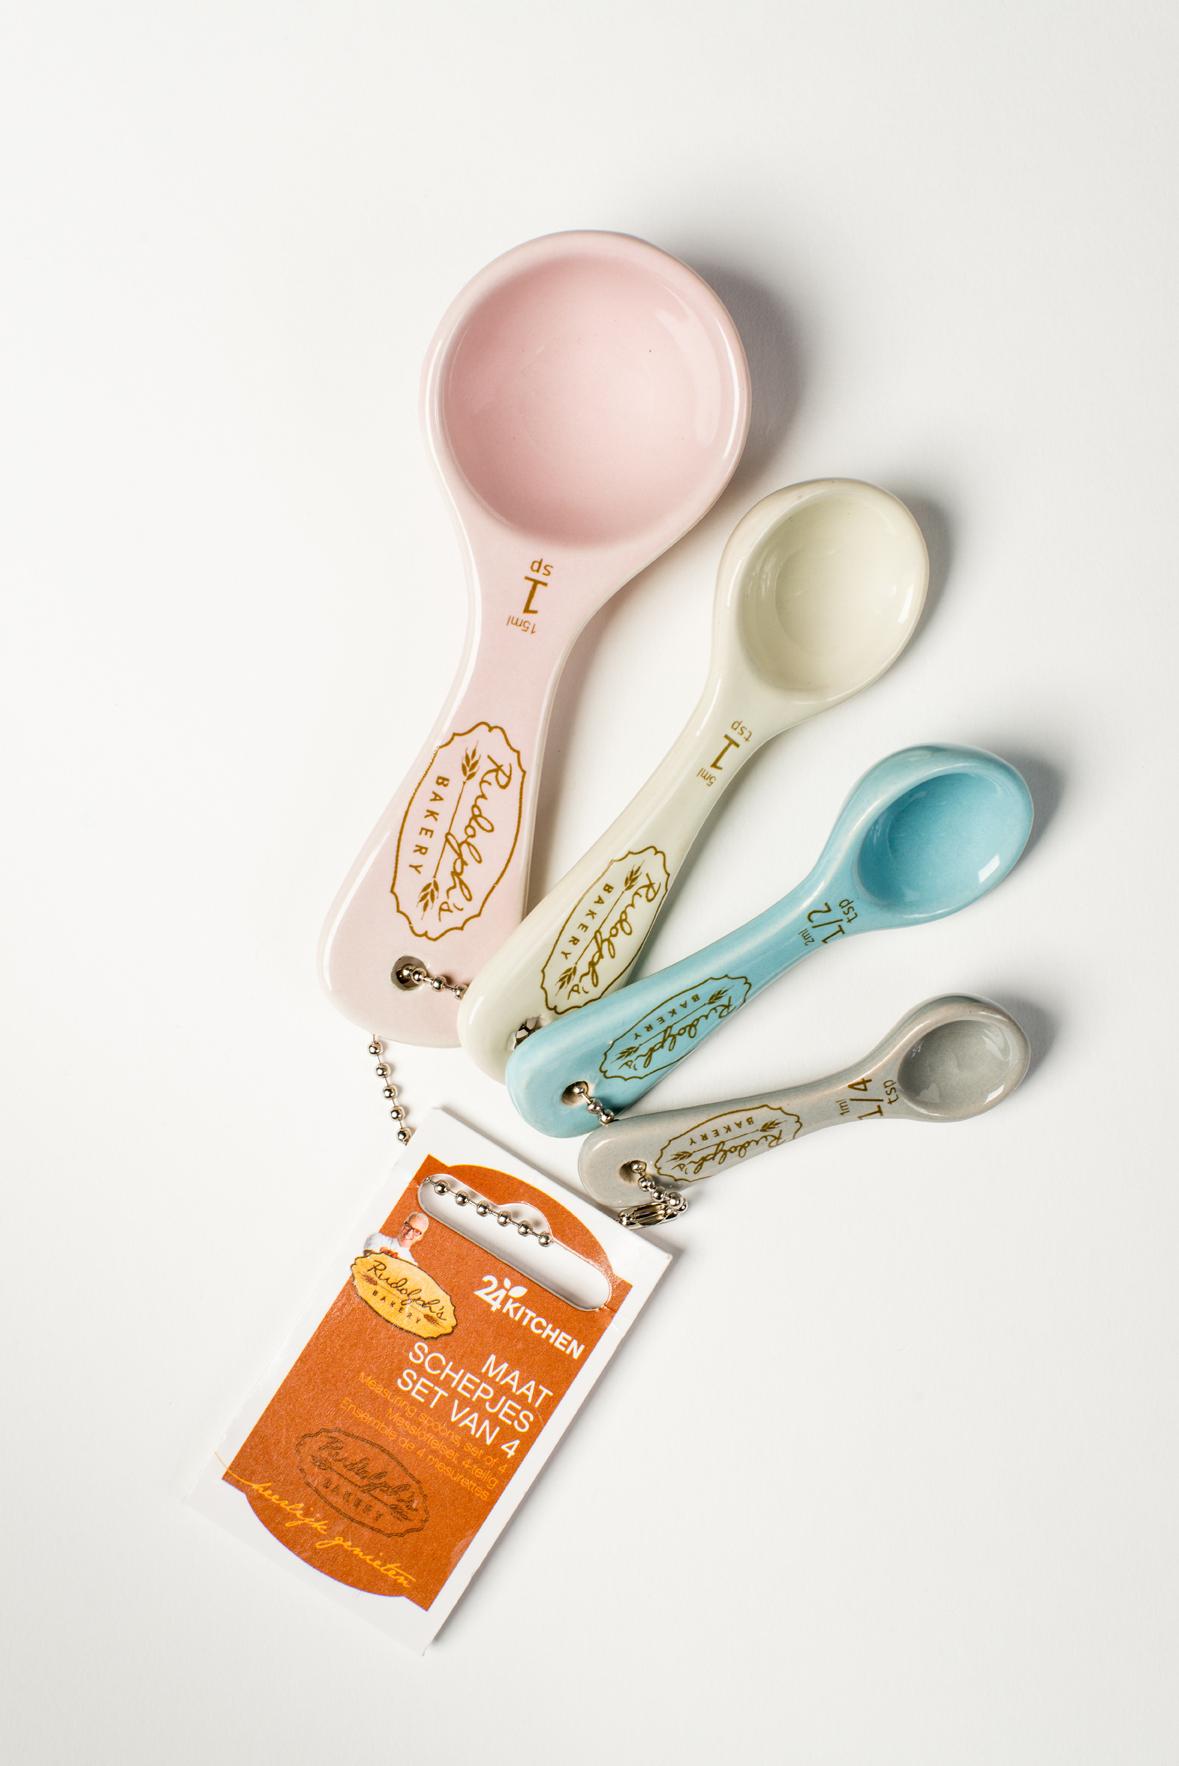 product-design-baking-tools-rudolphsbakery-blokker